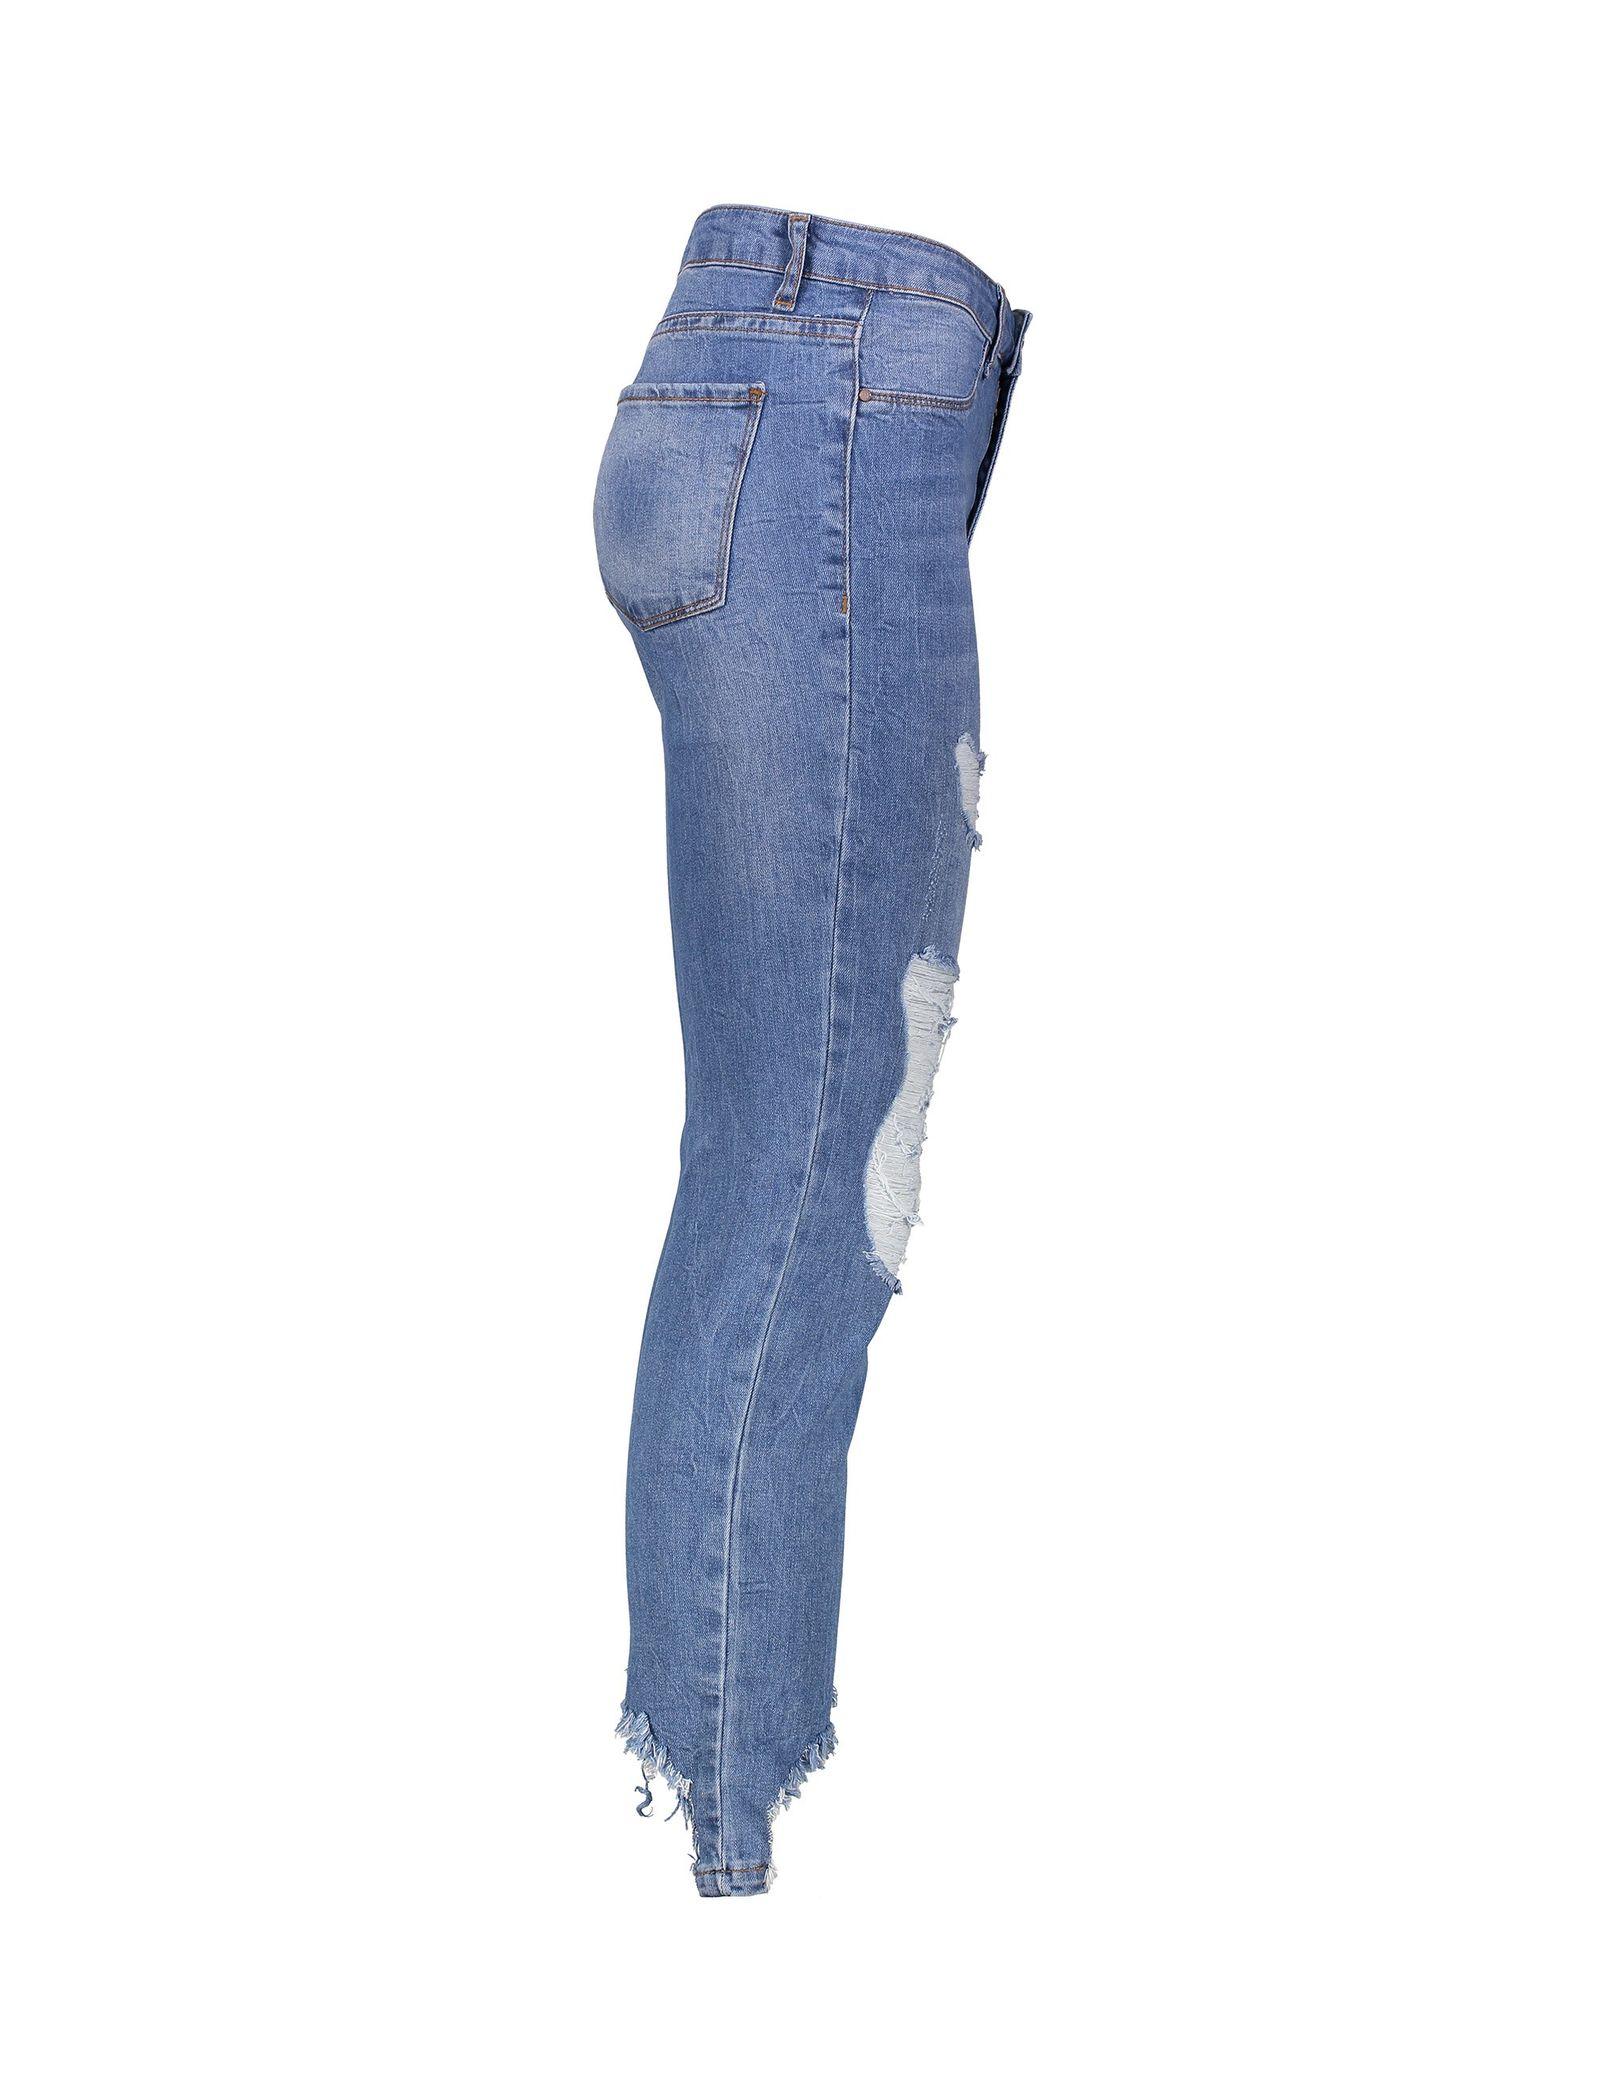 شلوار زنانه کوتون مدل 7YAK47266MD - آبی - 4